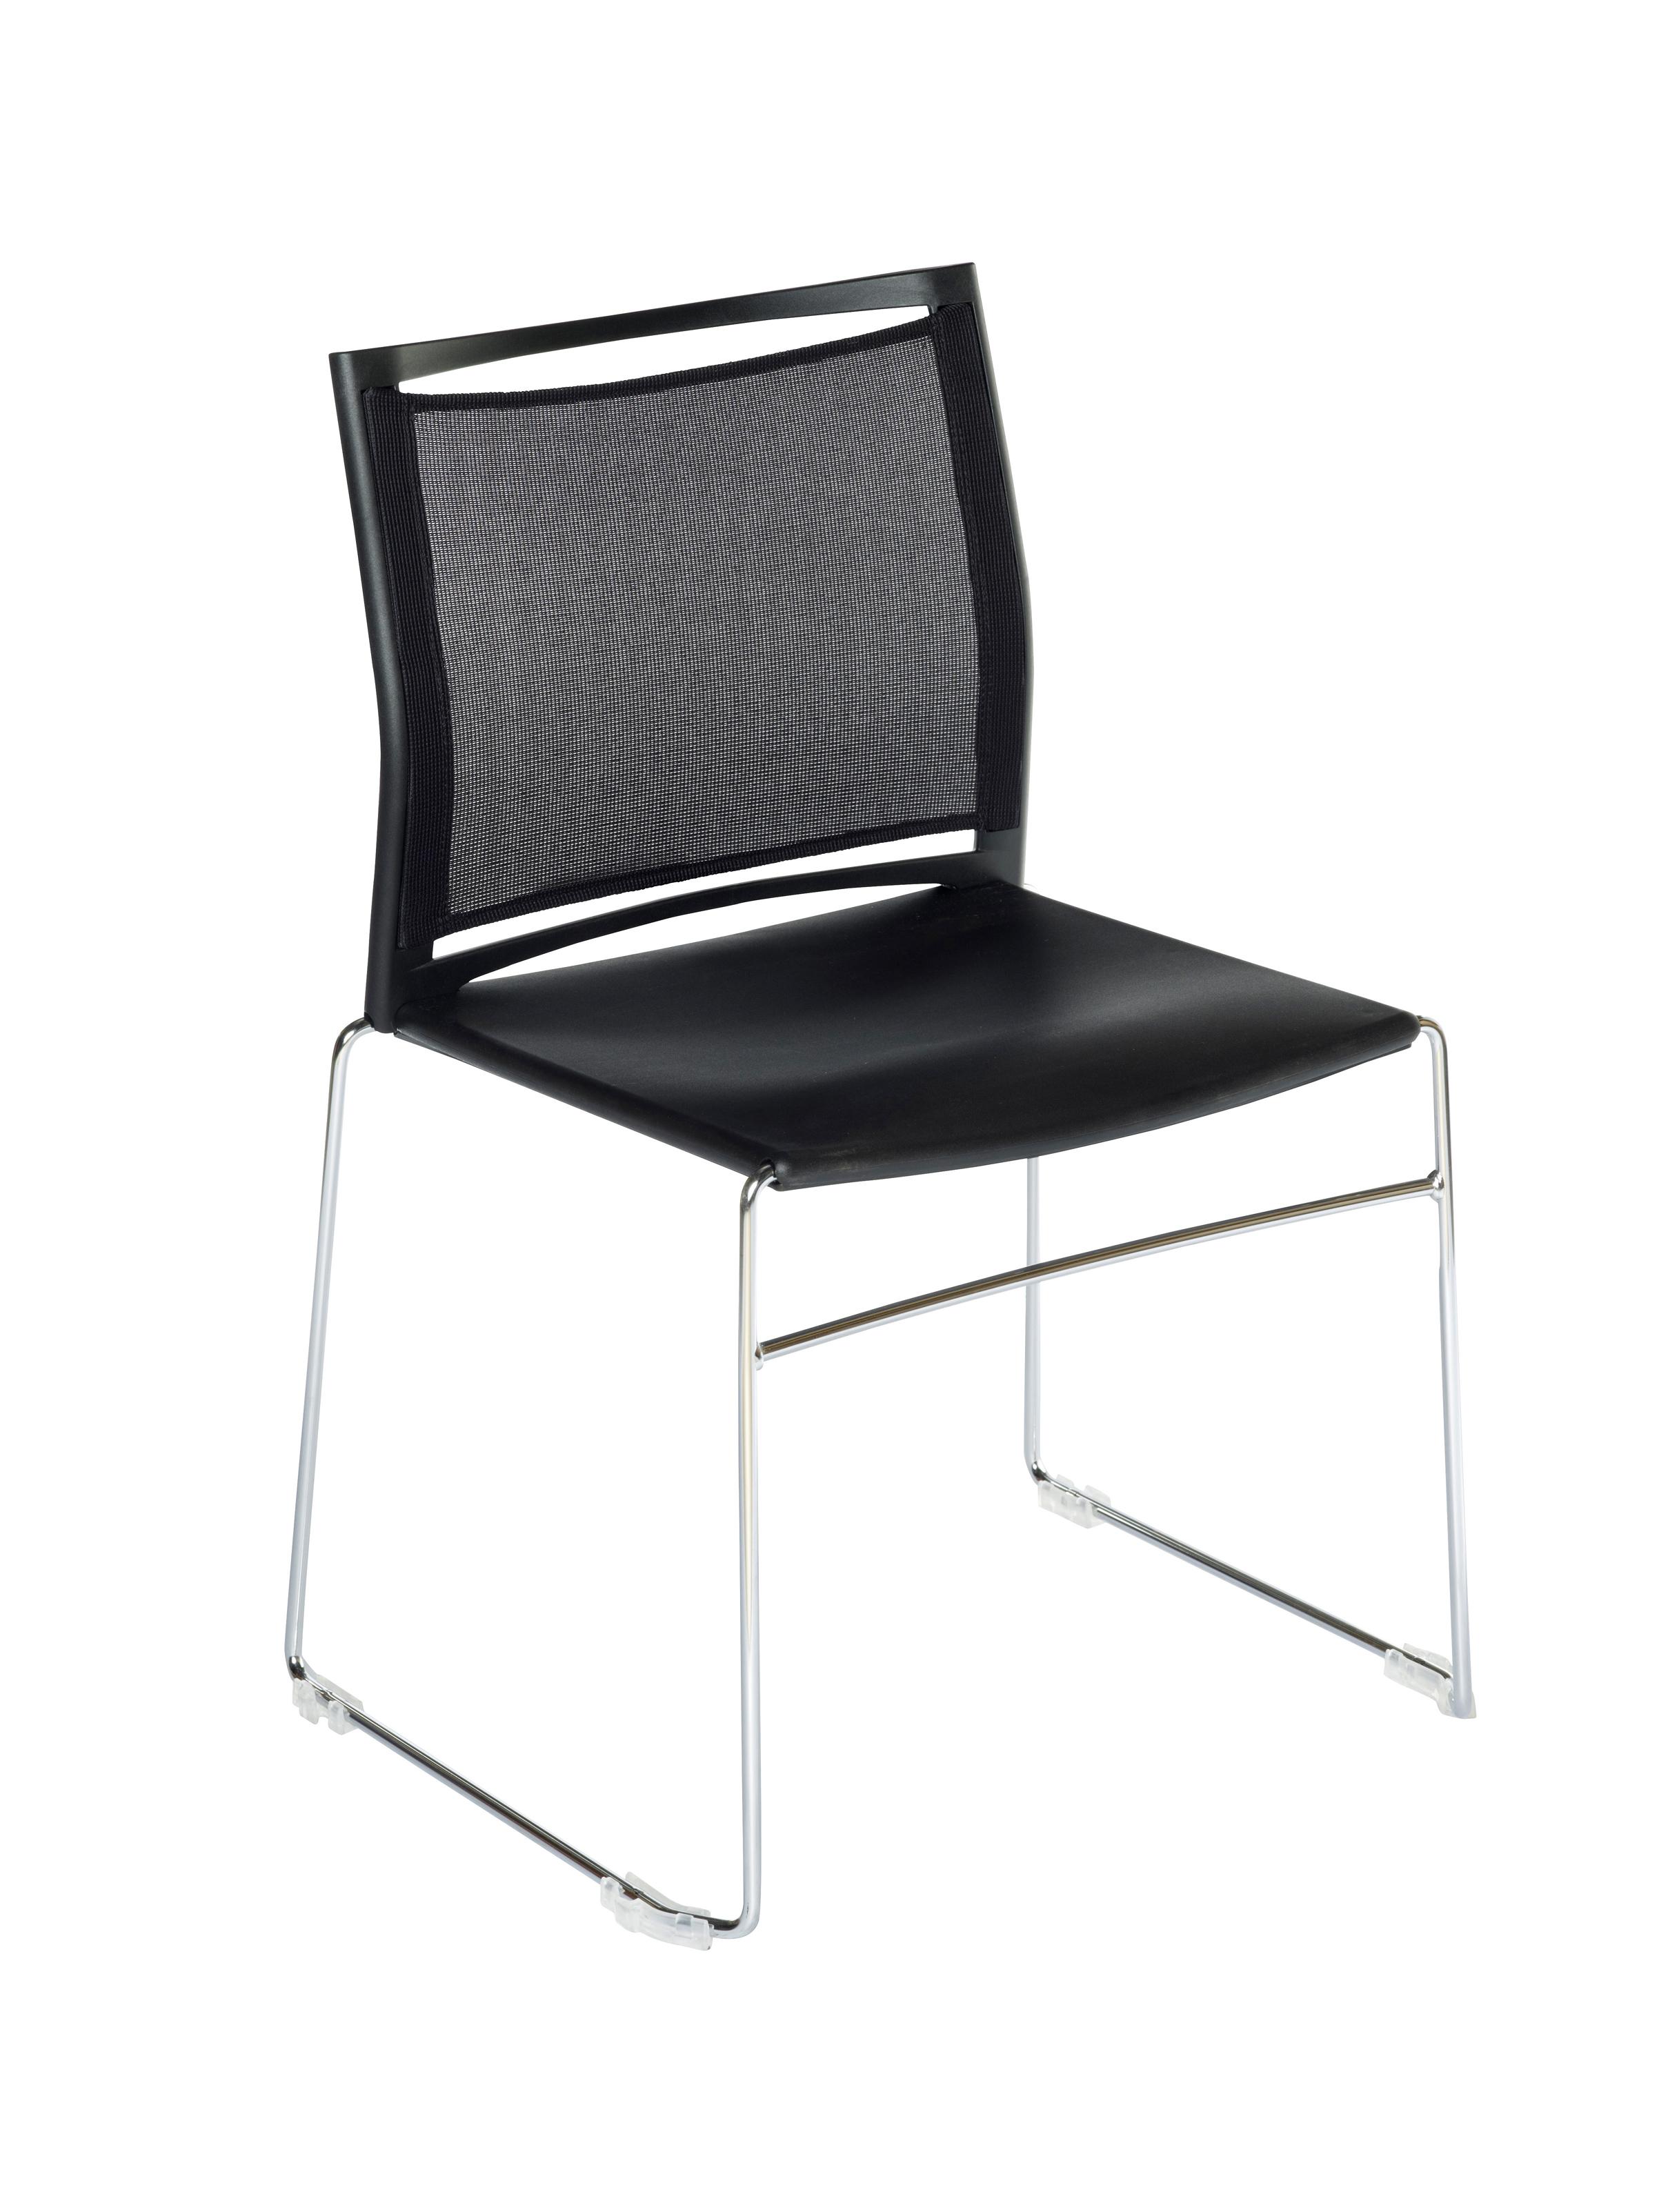 Chaise de r union conception d 39 espaces de travail et for Fourniture et mobilier de bureau